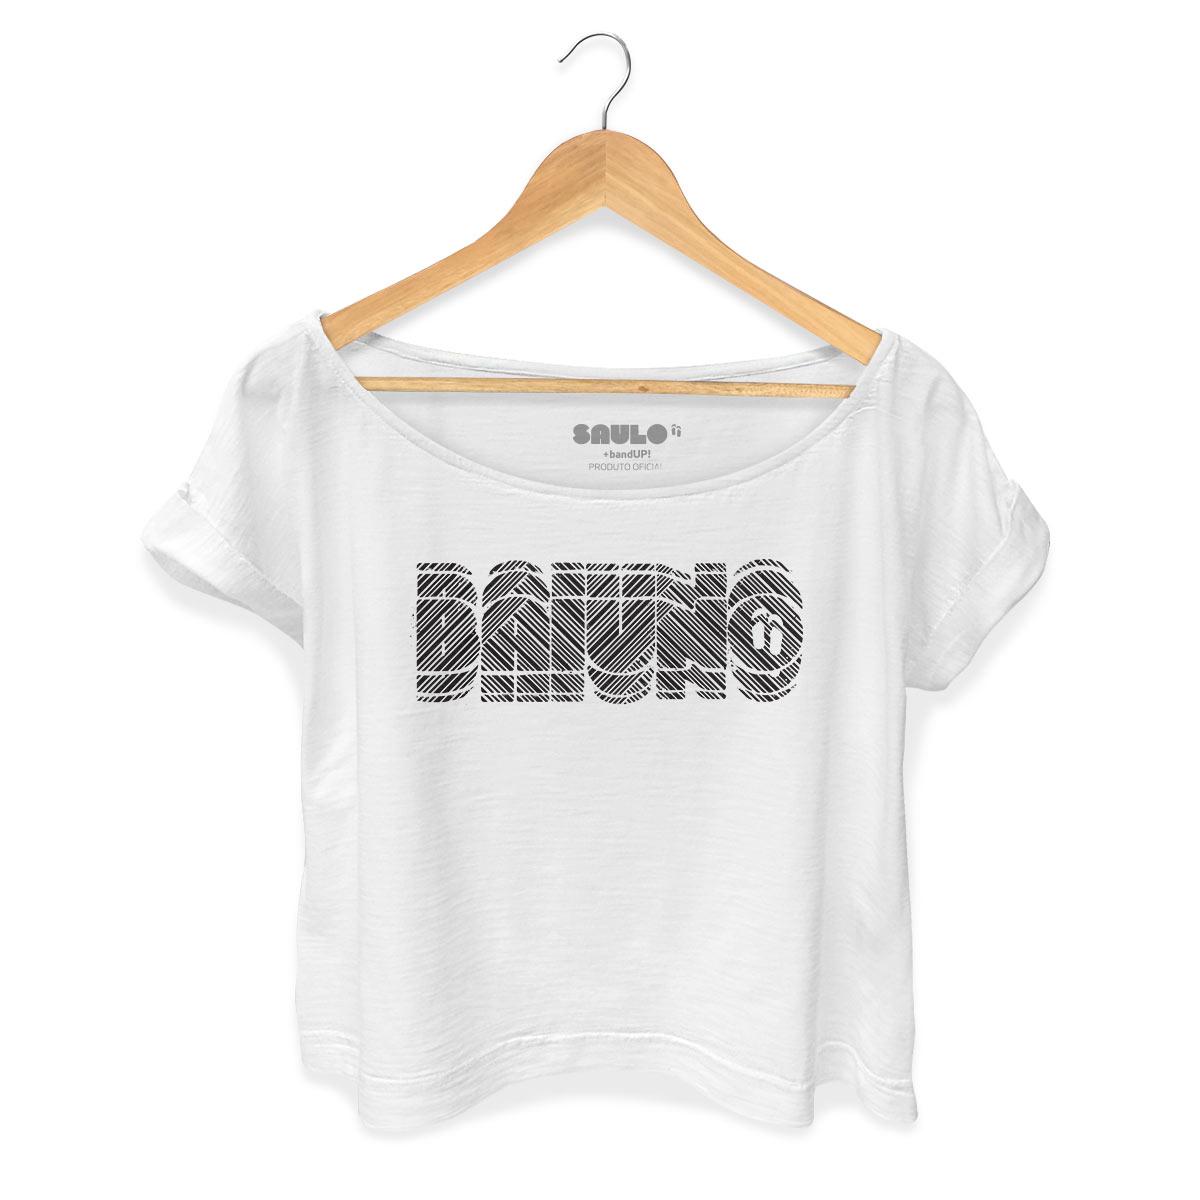 T-shirt Premium Feminina Saulo Baiuno